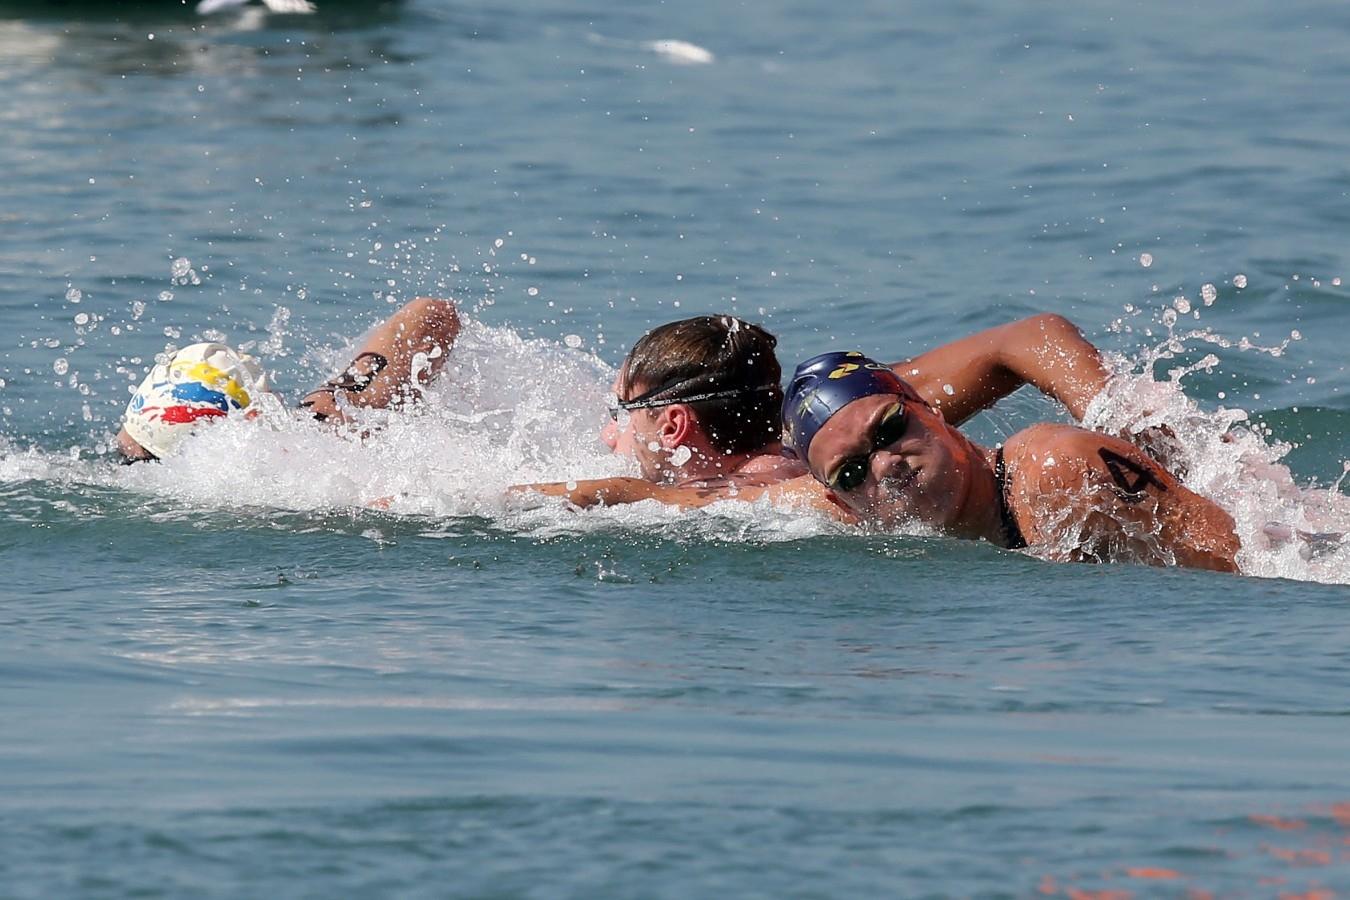 Diogo Villarinho. Copa do Mundo de Maratonas Aquaticas, etapa Travessia de Hong Kong na Repulse Bay . 18 de Outubro de 2014, Hong Kong. Foto: Satiro Sodre/SSPress.